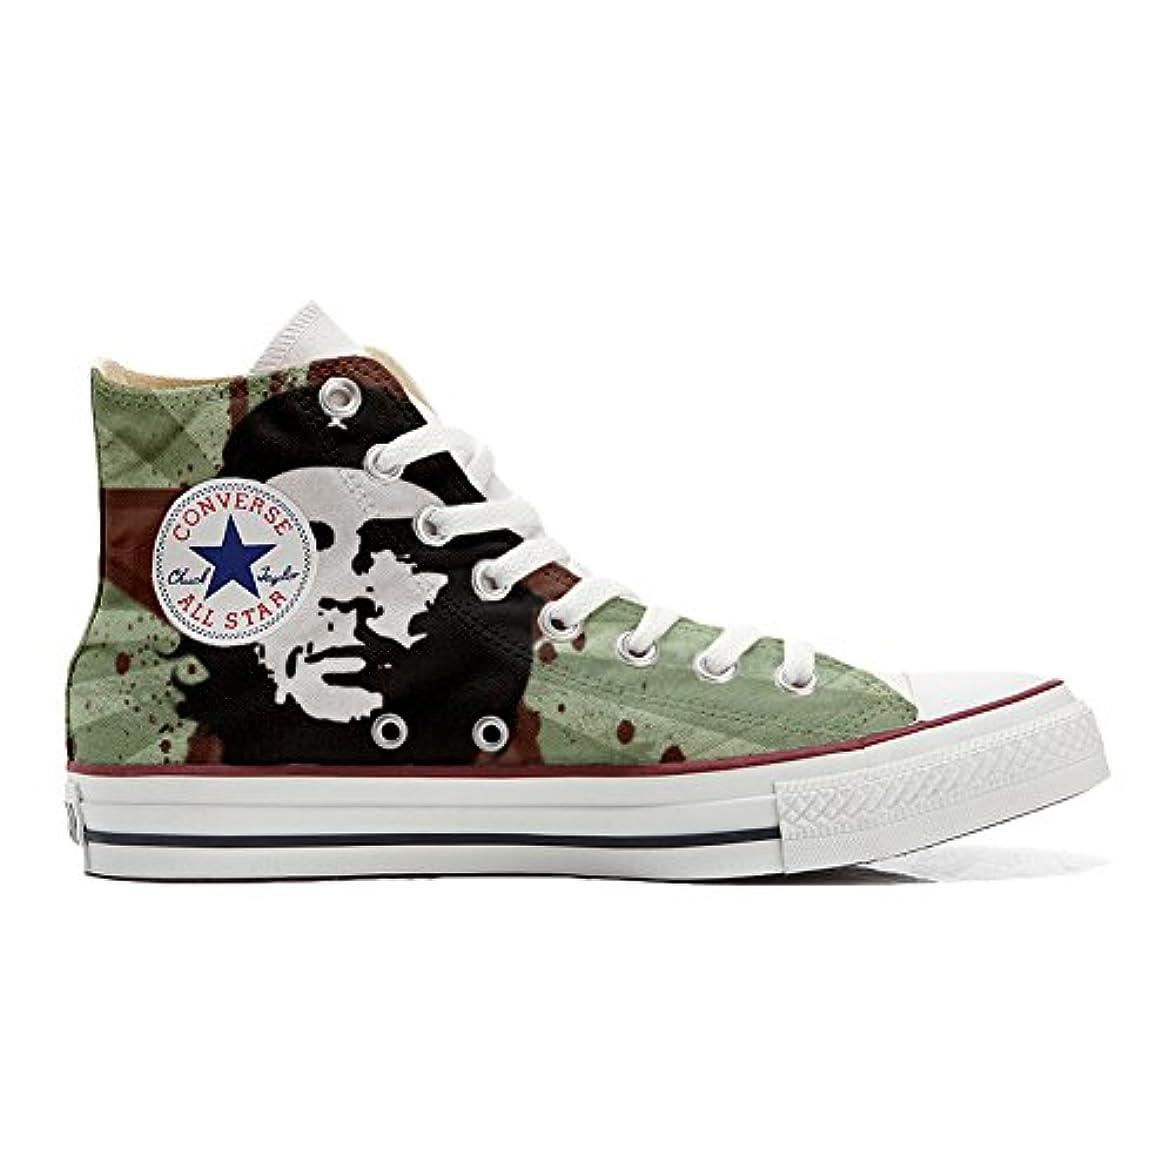 Scarpe Converse All Star Alte Personalizzate scarpe Artigianali Che Guevara